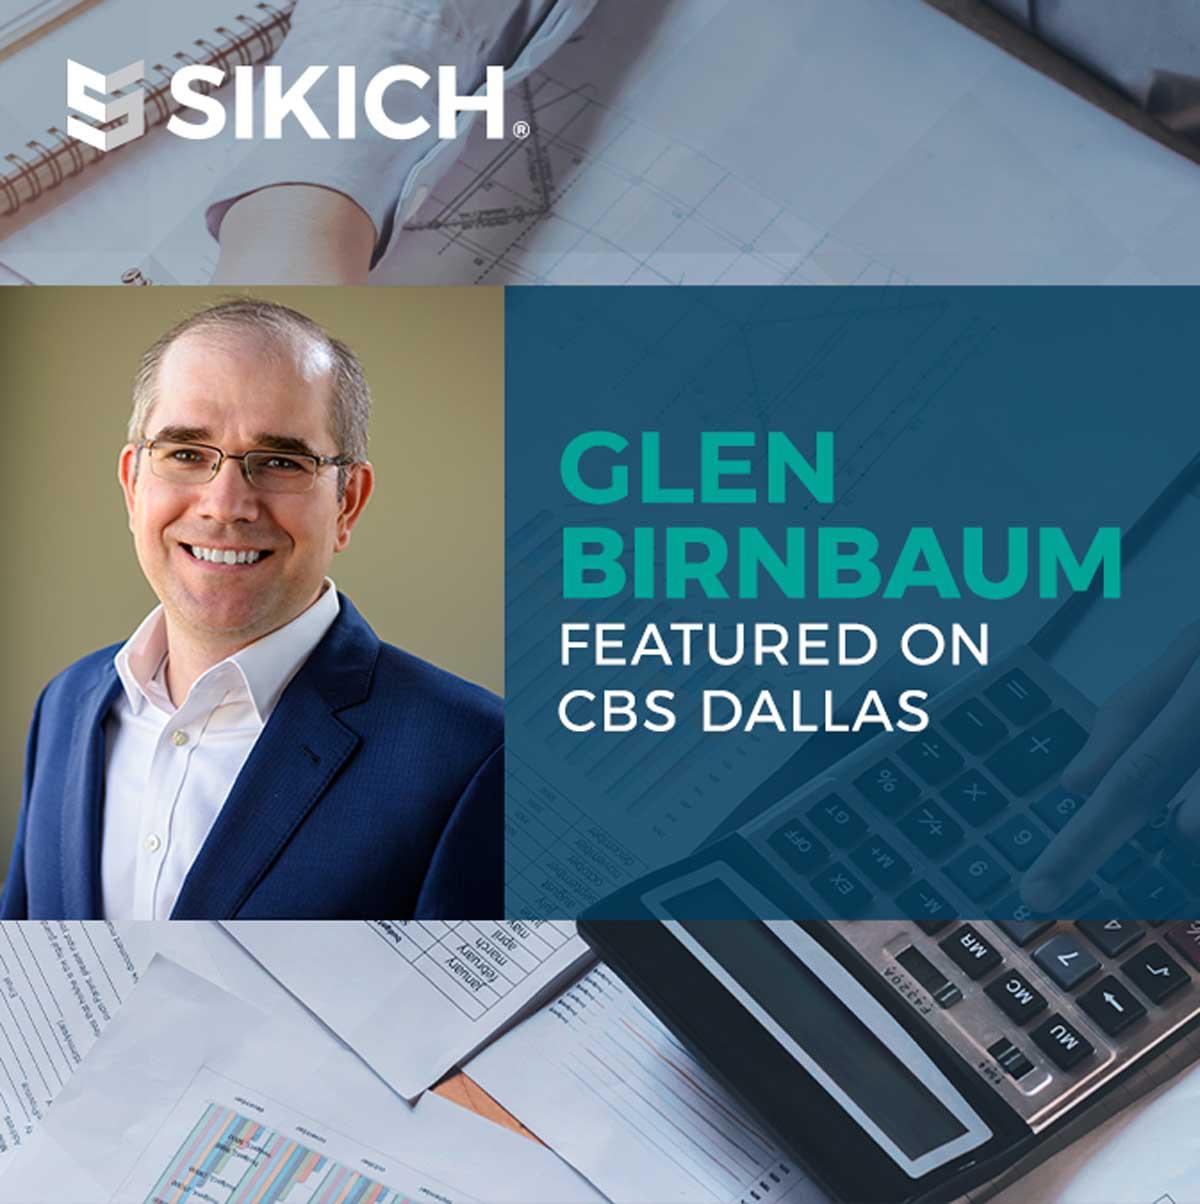 Glen-Birnbaum-Featured-on-CBS-Dallas